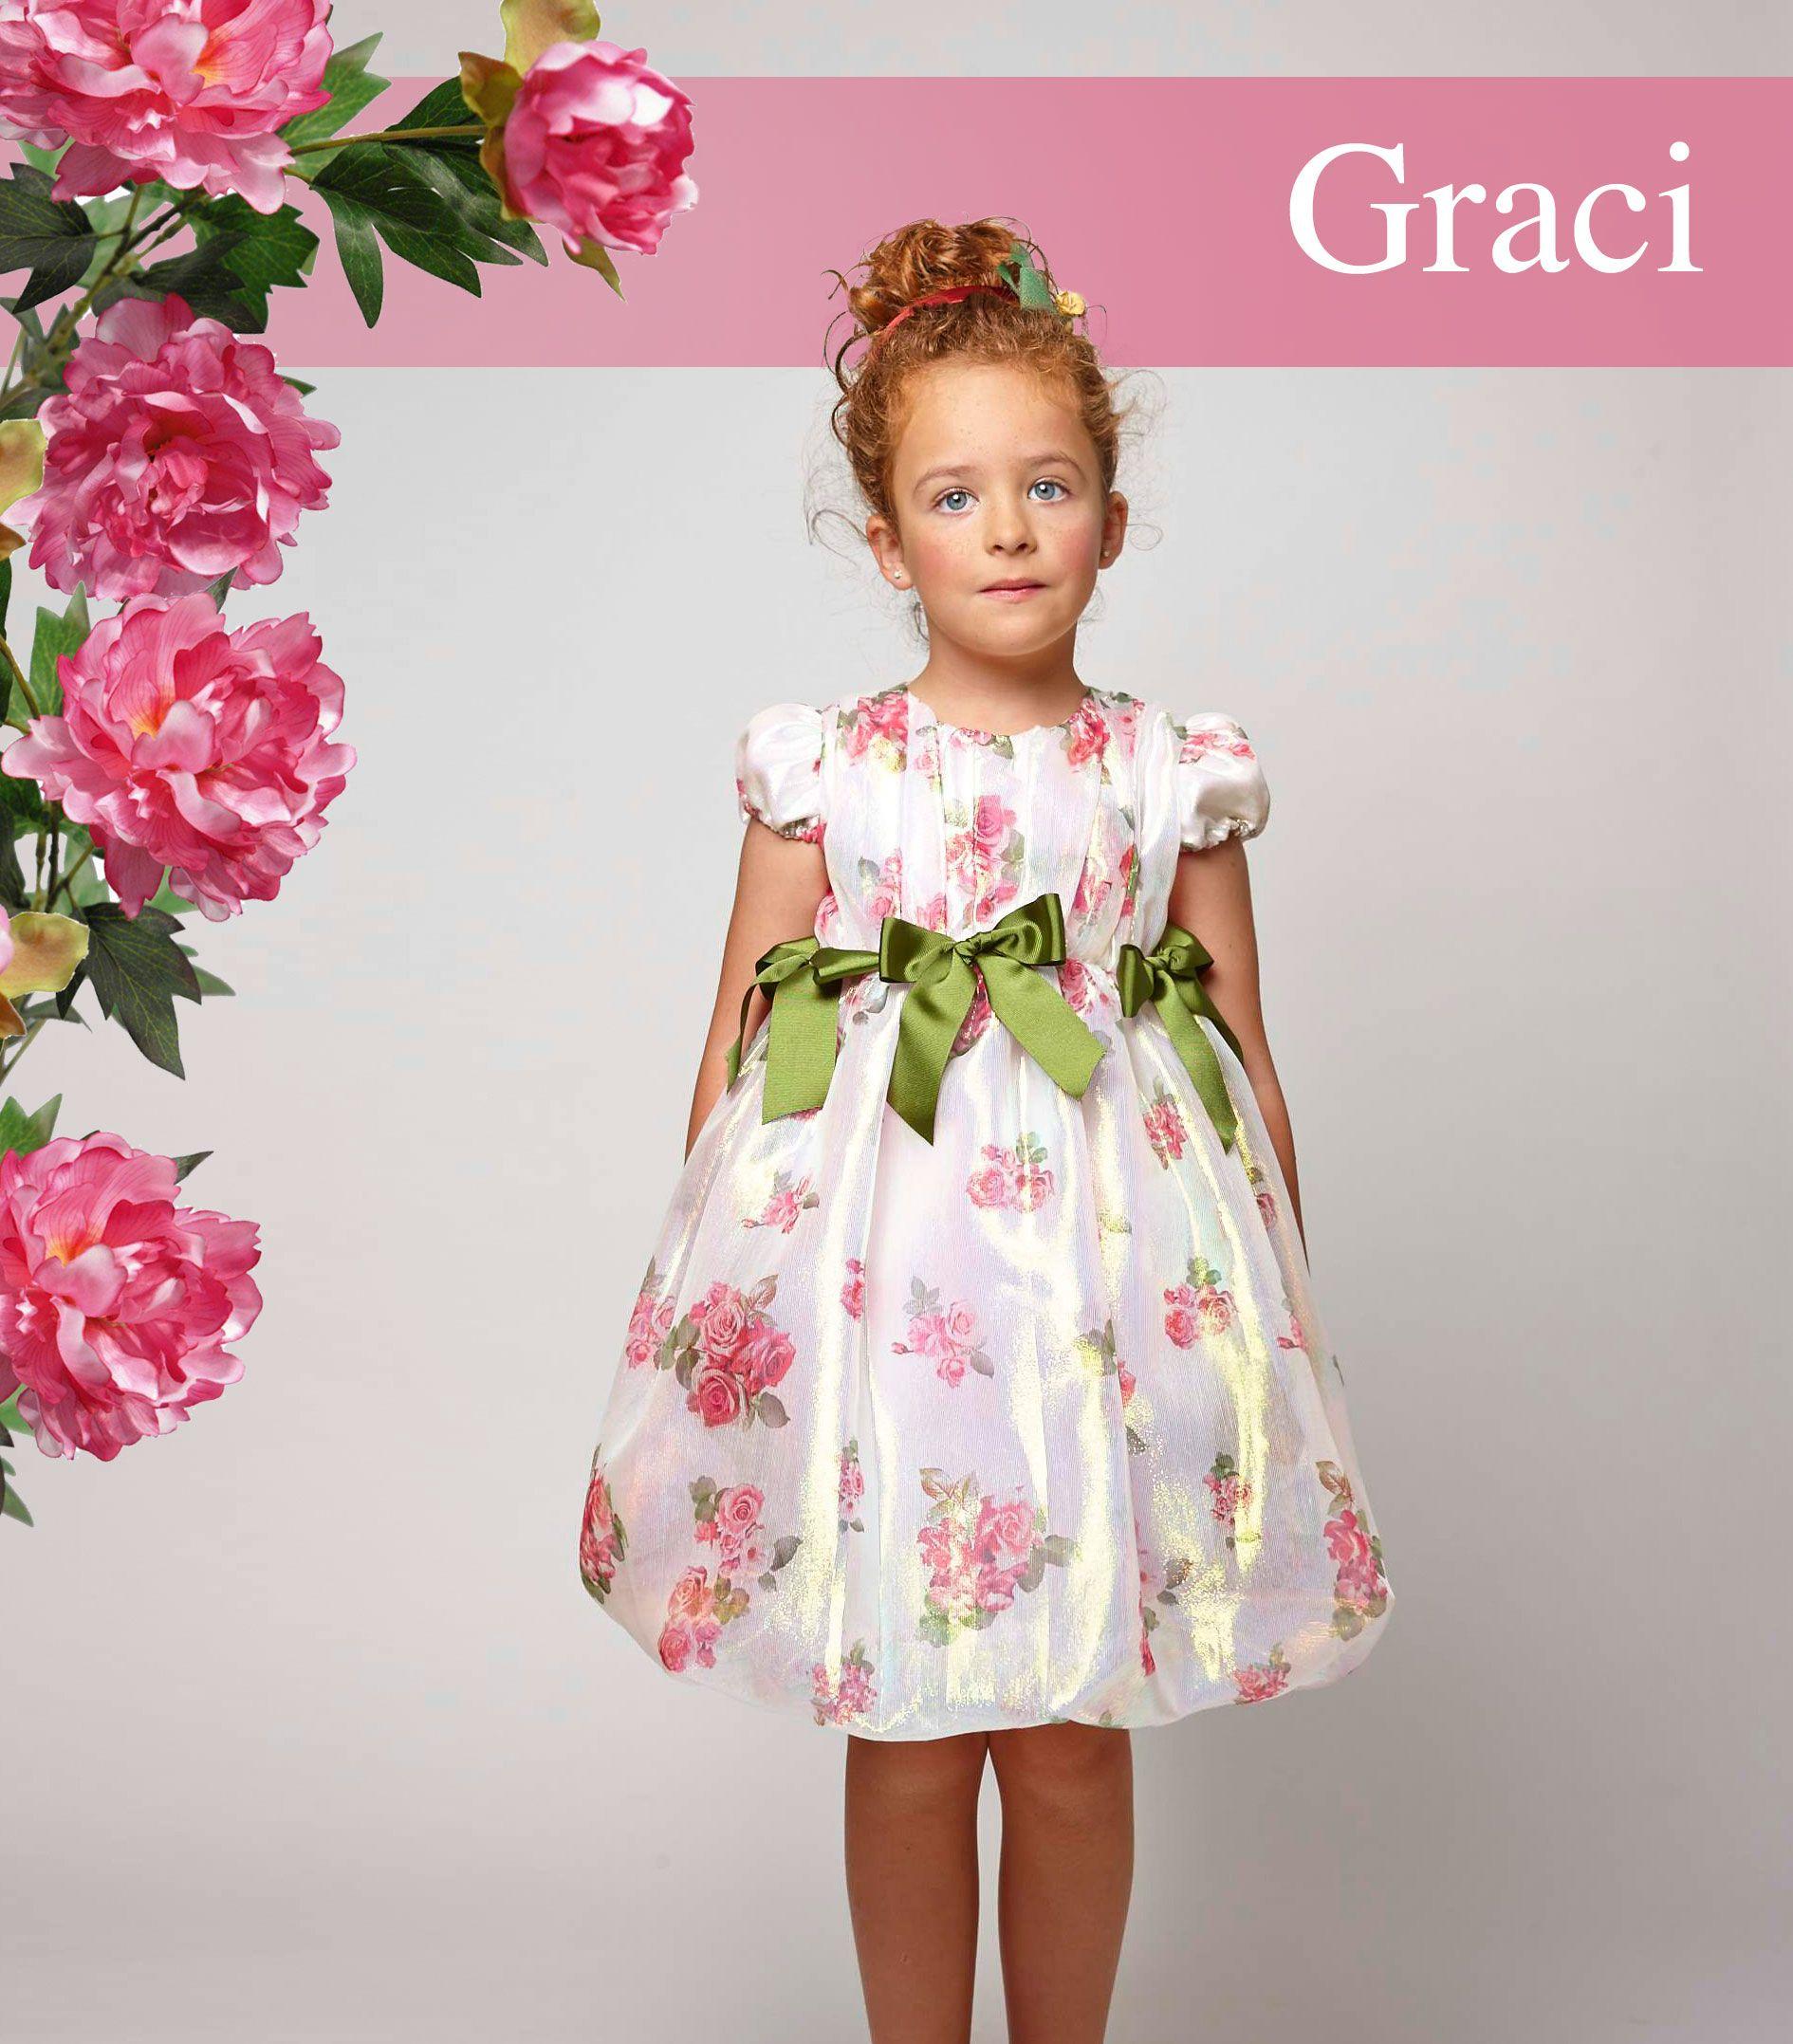 Graci flower girl dress. | Baby | Pinterest | Mädchen